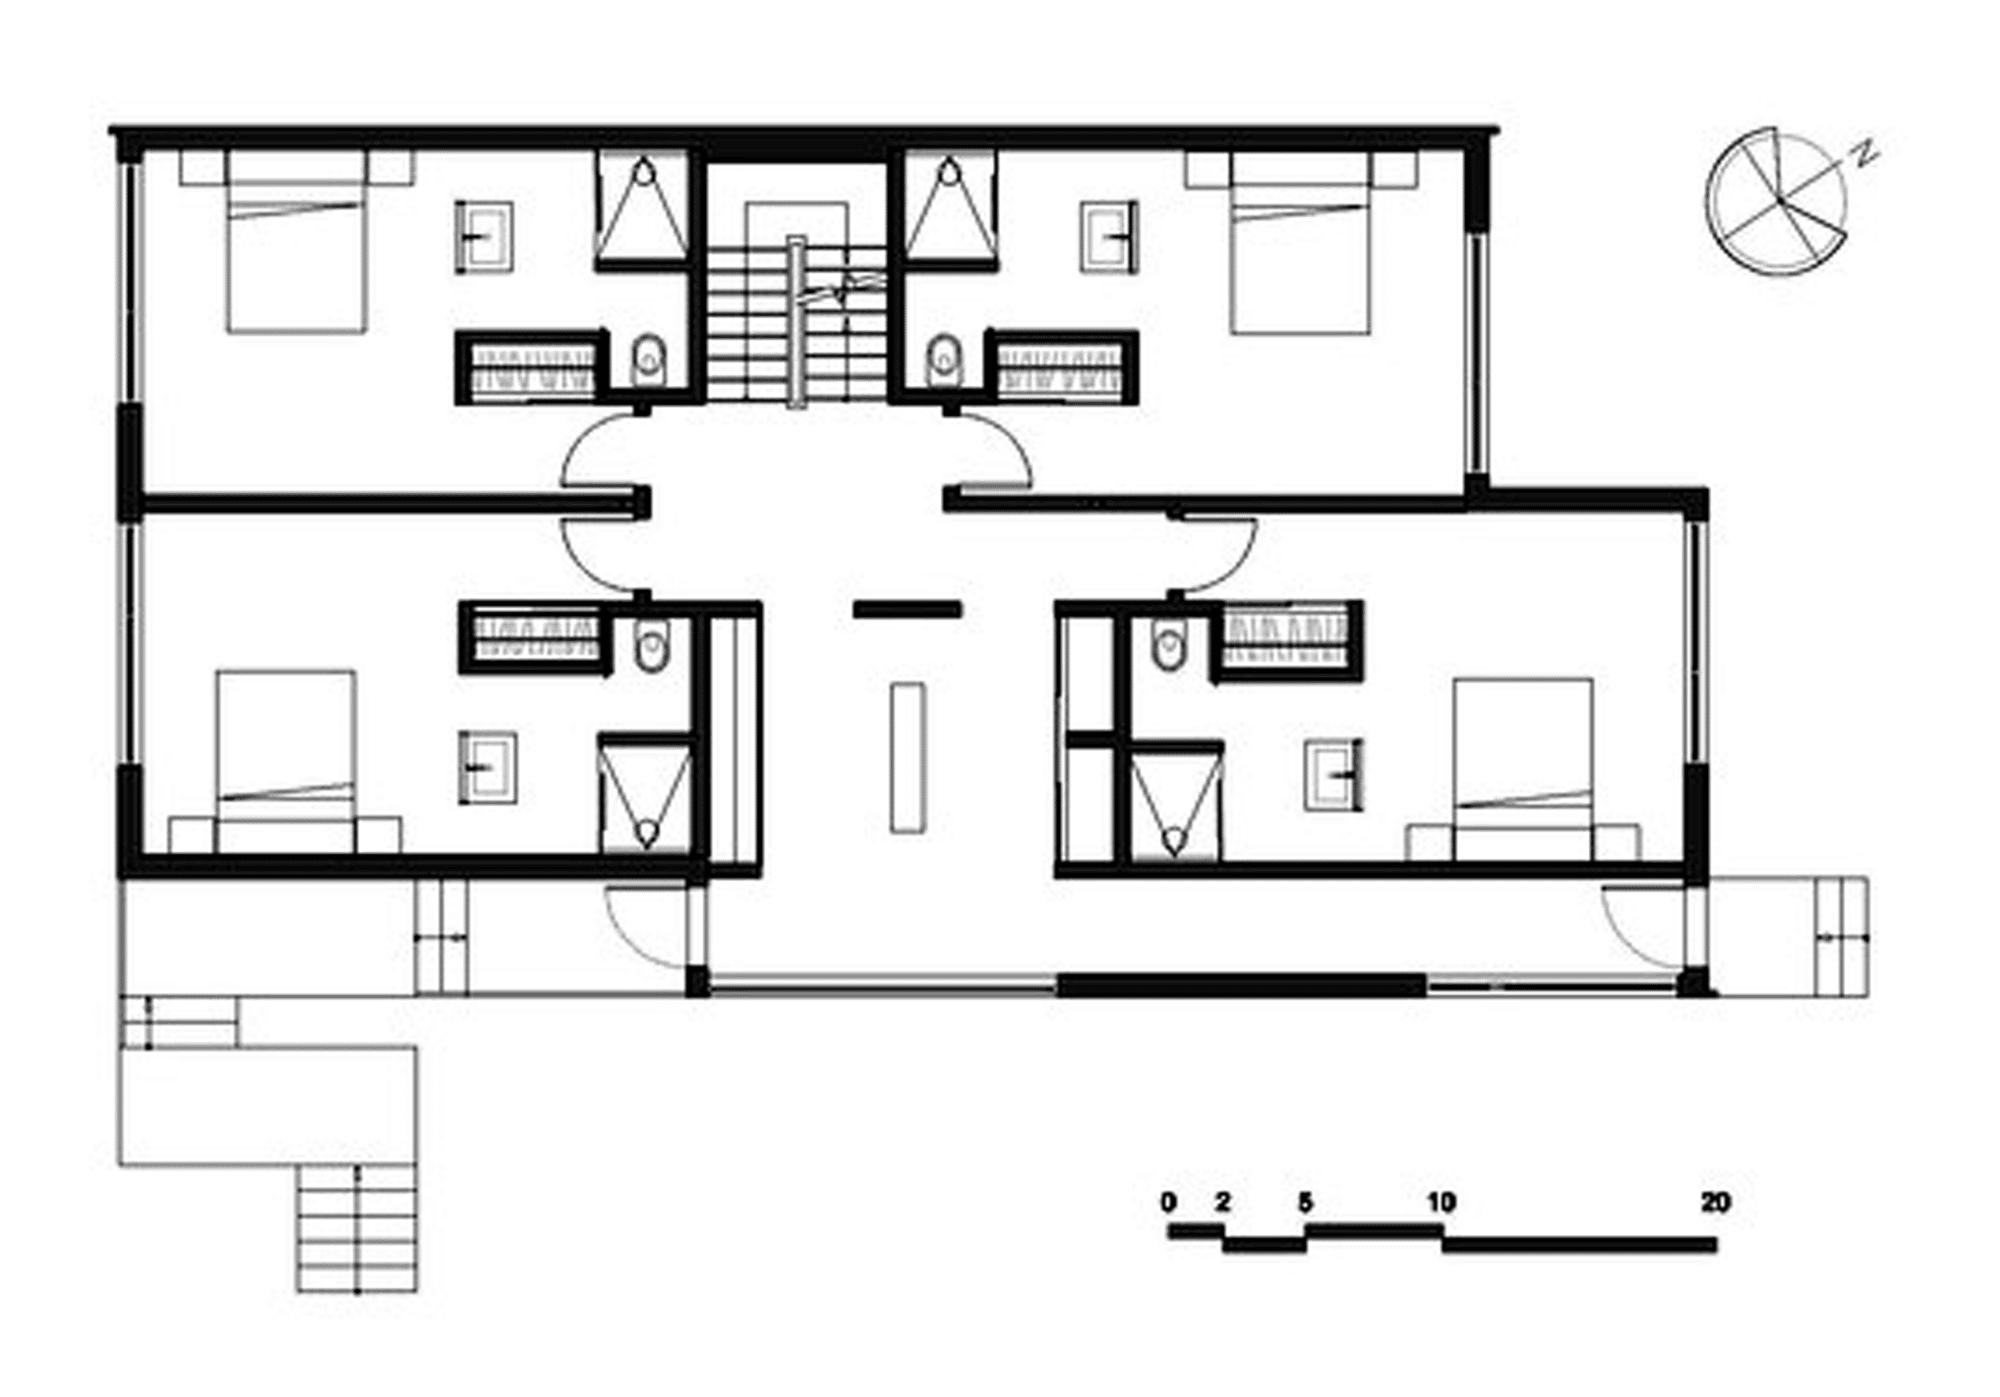 Dise o de casa moderna de dos pisos m s s tano planos for Modelo de casa segundo piso